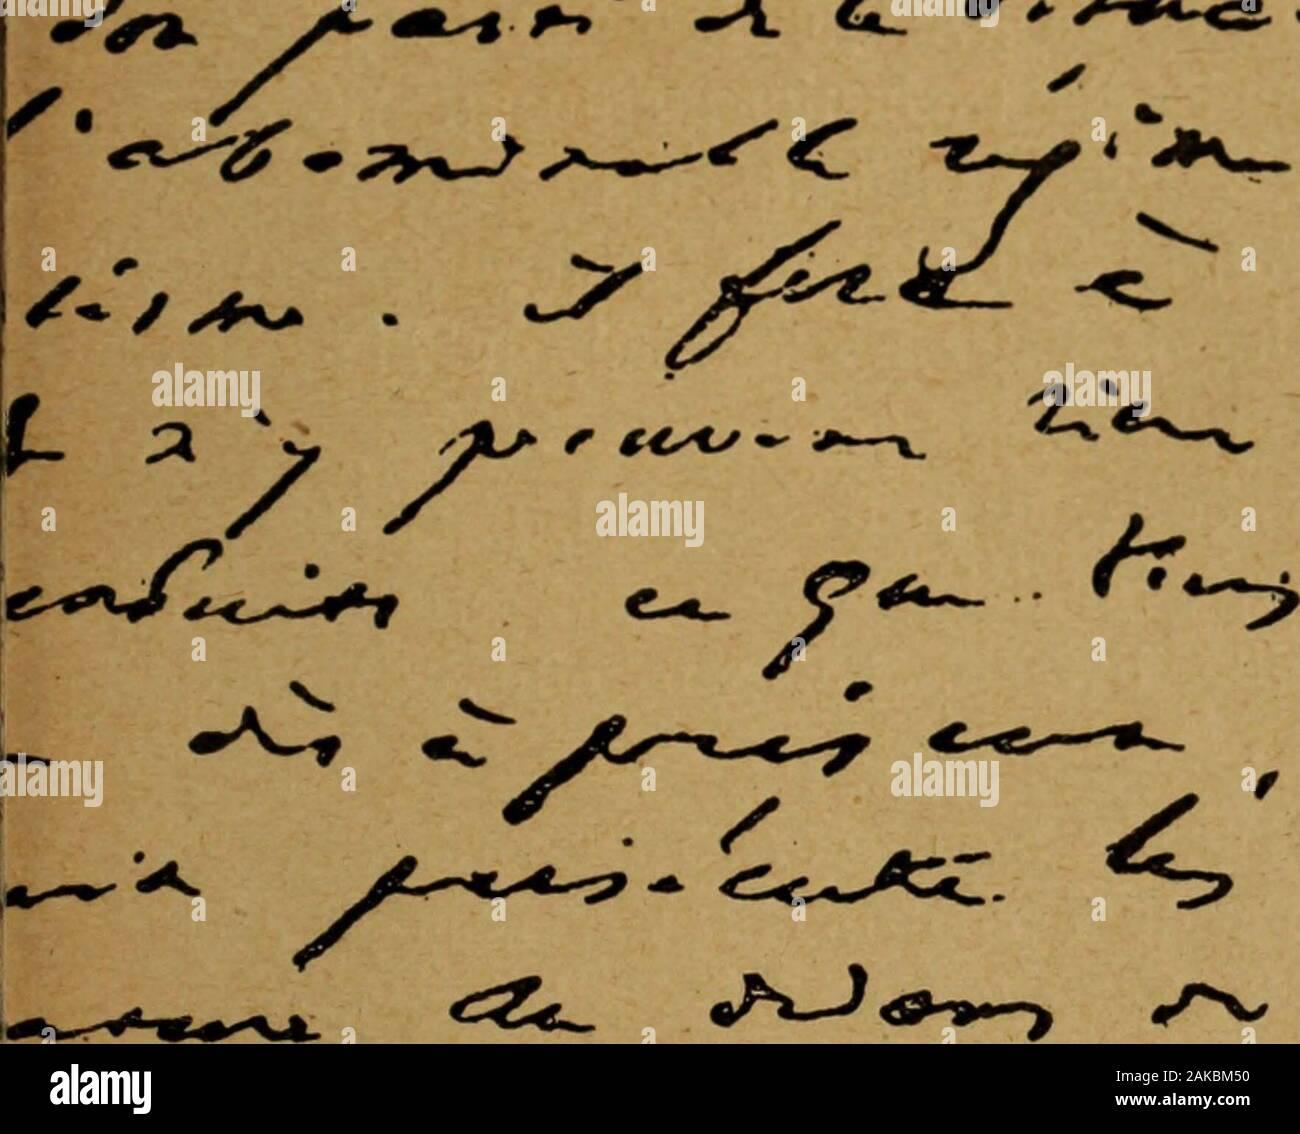 L'envers de la gloire : enquetes et documents inedits sur Victor Hugo.- ERenan.- Émile Zola.- Edgar Quinet.- Le PDidon.- Ferdinand Fabre.- Rachel.- Le prince de Monaco.- ChGarnier.- Hervé.- Marie Dorval.- Frédérick Lemaître.- Marie Laurent.- Henri Heine.- Alfred de Musset.- Gavarni, etc., etc . *^>v^g «^j « ^*L.€^ y^e*— ^Xj^vr^ ^^/- /^^ ^ ^-ty^/C^ r,^,^^^^^ ér£^^t< Fragment de la lettre du 8 mai, ^*r» ^^ •A. <^ •^%*«.<s.-. y * y oyée de Guernesey à M. Lacroix. 26 lenvers de la gloire son auteur, autant que ses mérites propres, recom-mandait à Tadmiration publique. Les éditions pieu Stock Photo